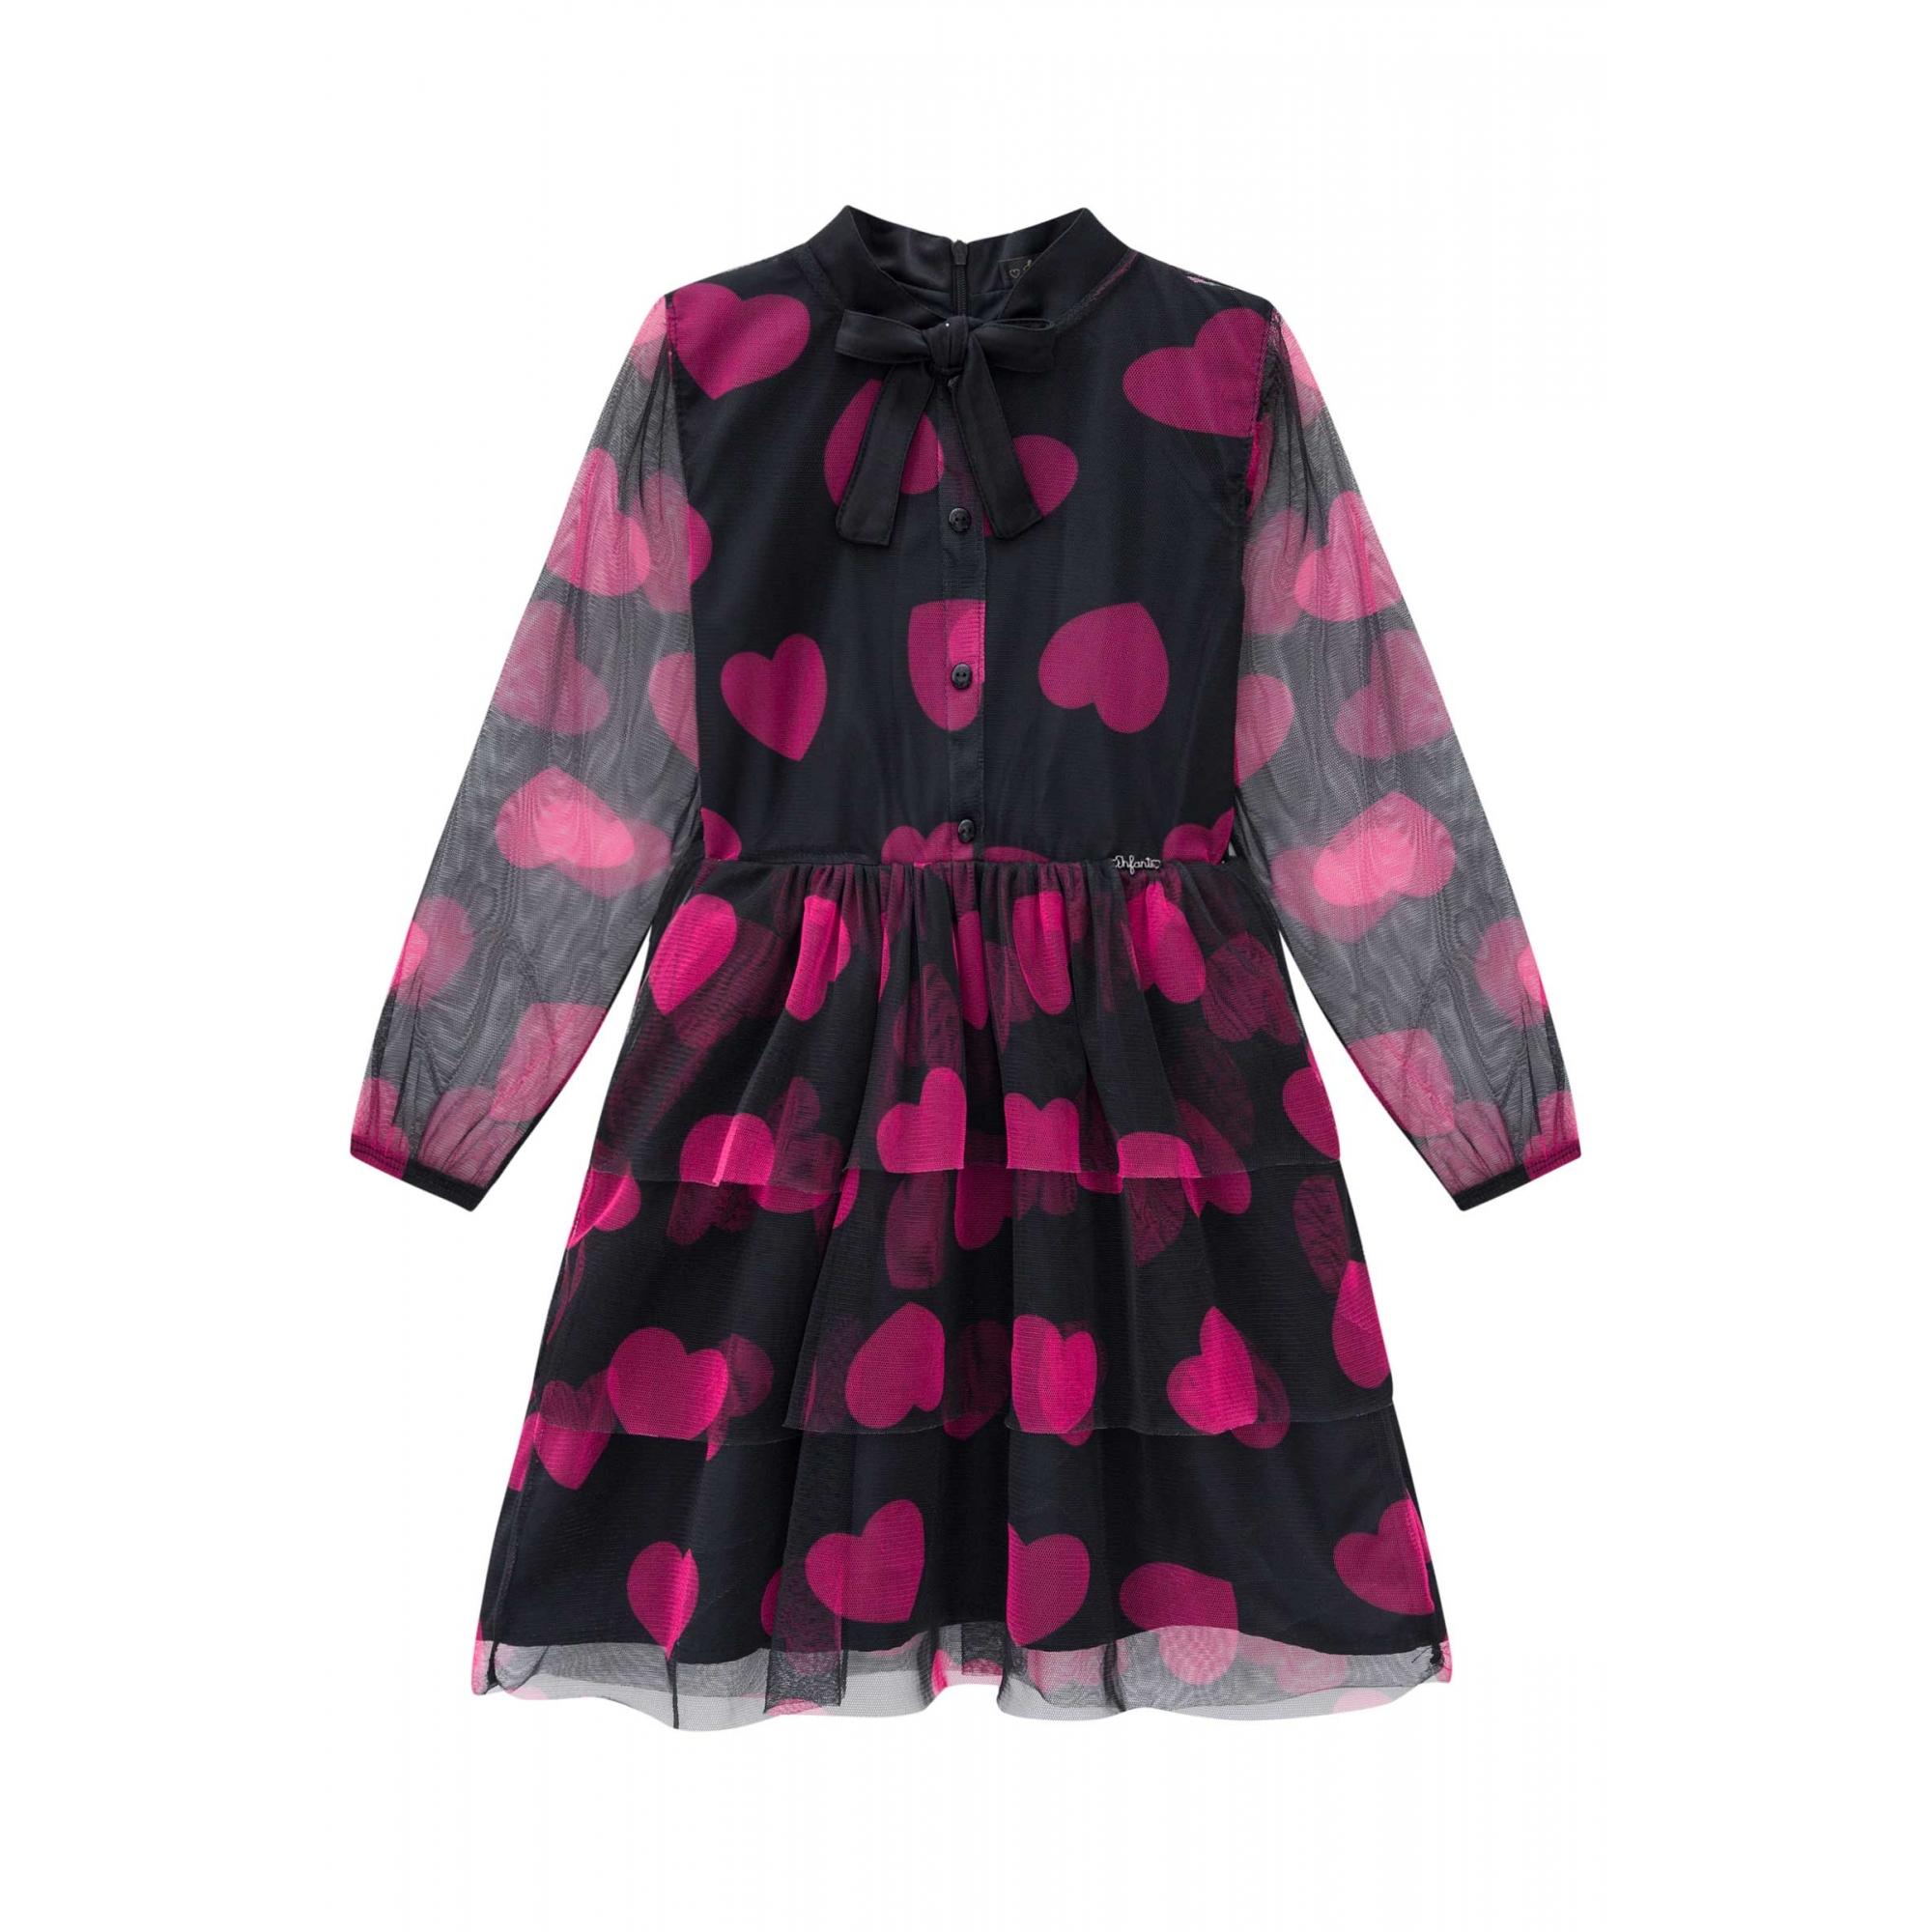 Vestido em tule preto manga longa estampado com corações rosa - Tam 10 a 14 anos